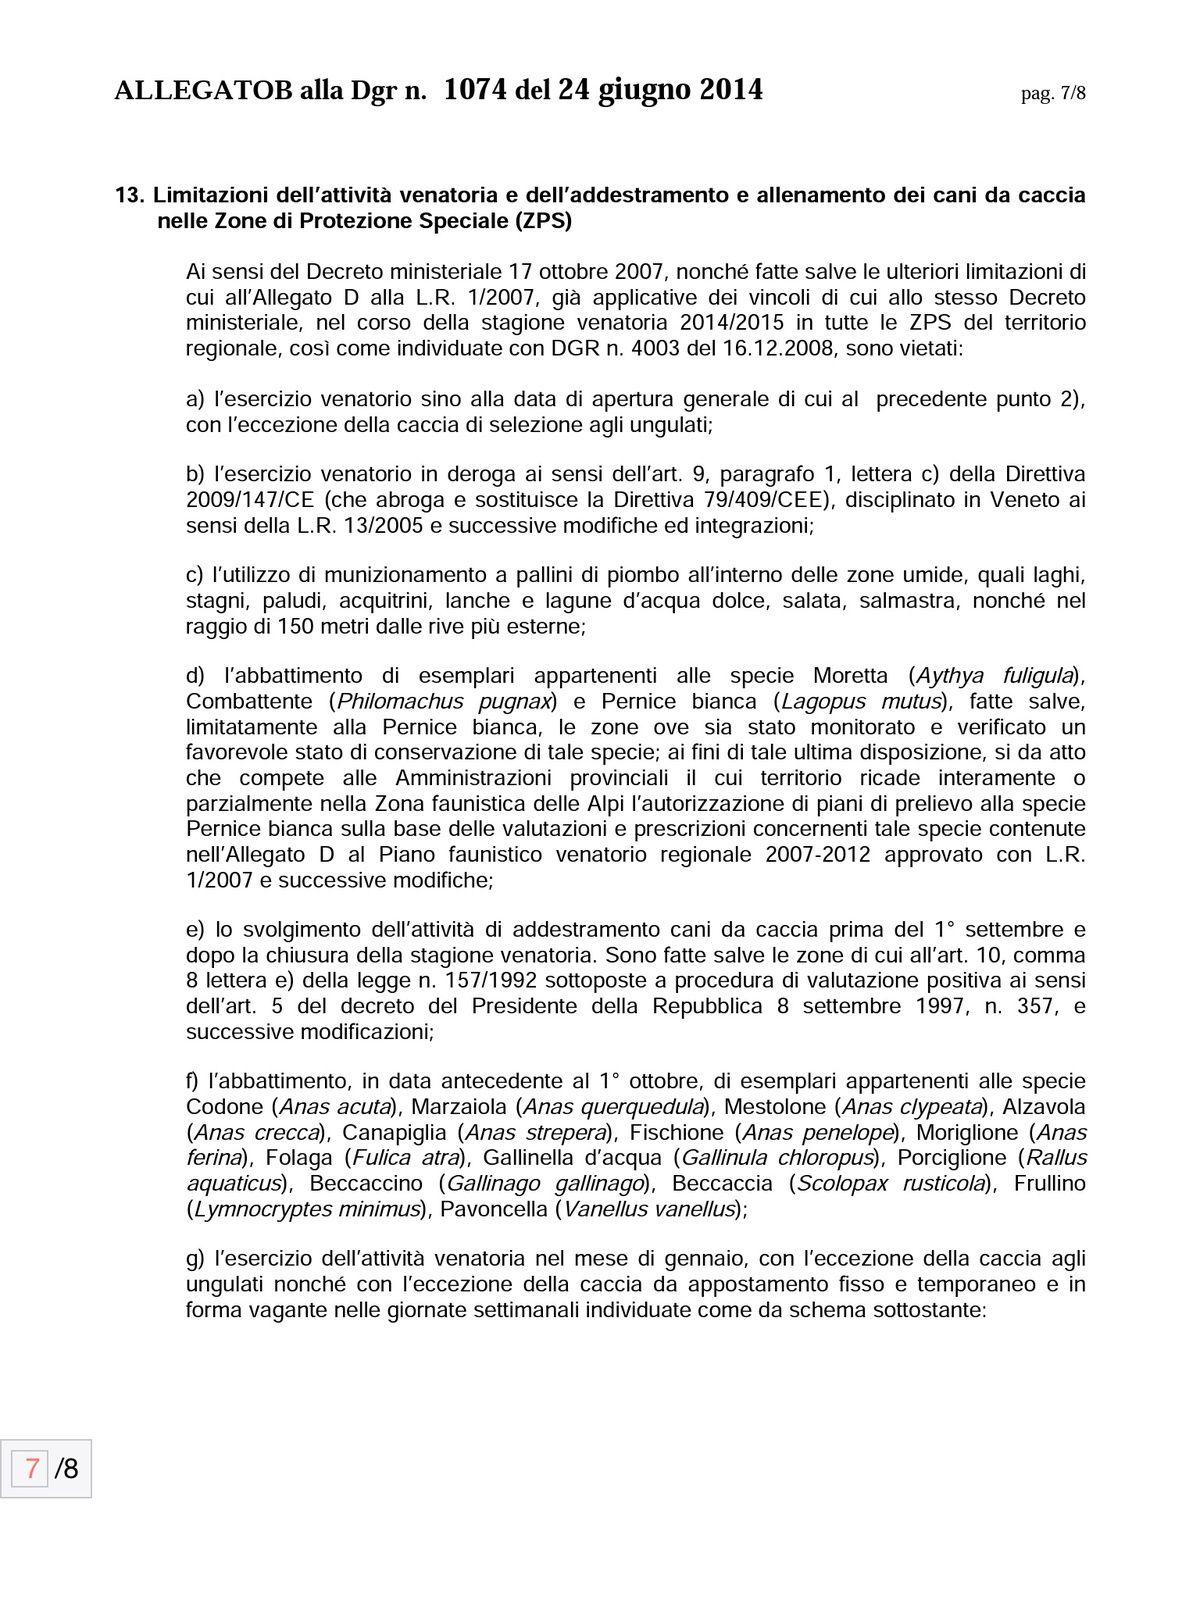 Calendario Venatorio Veneto 2014/2015